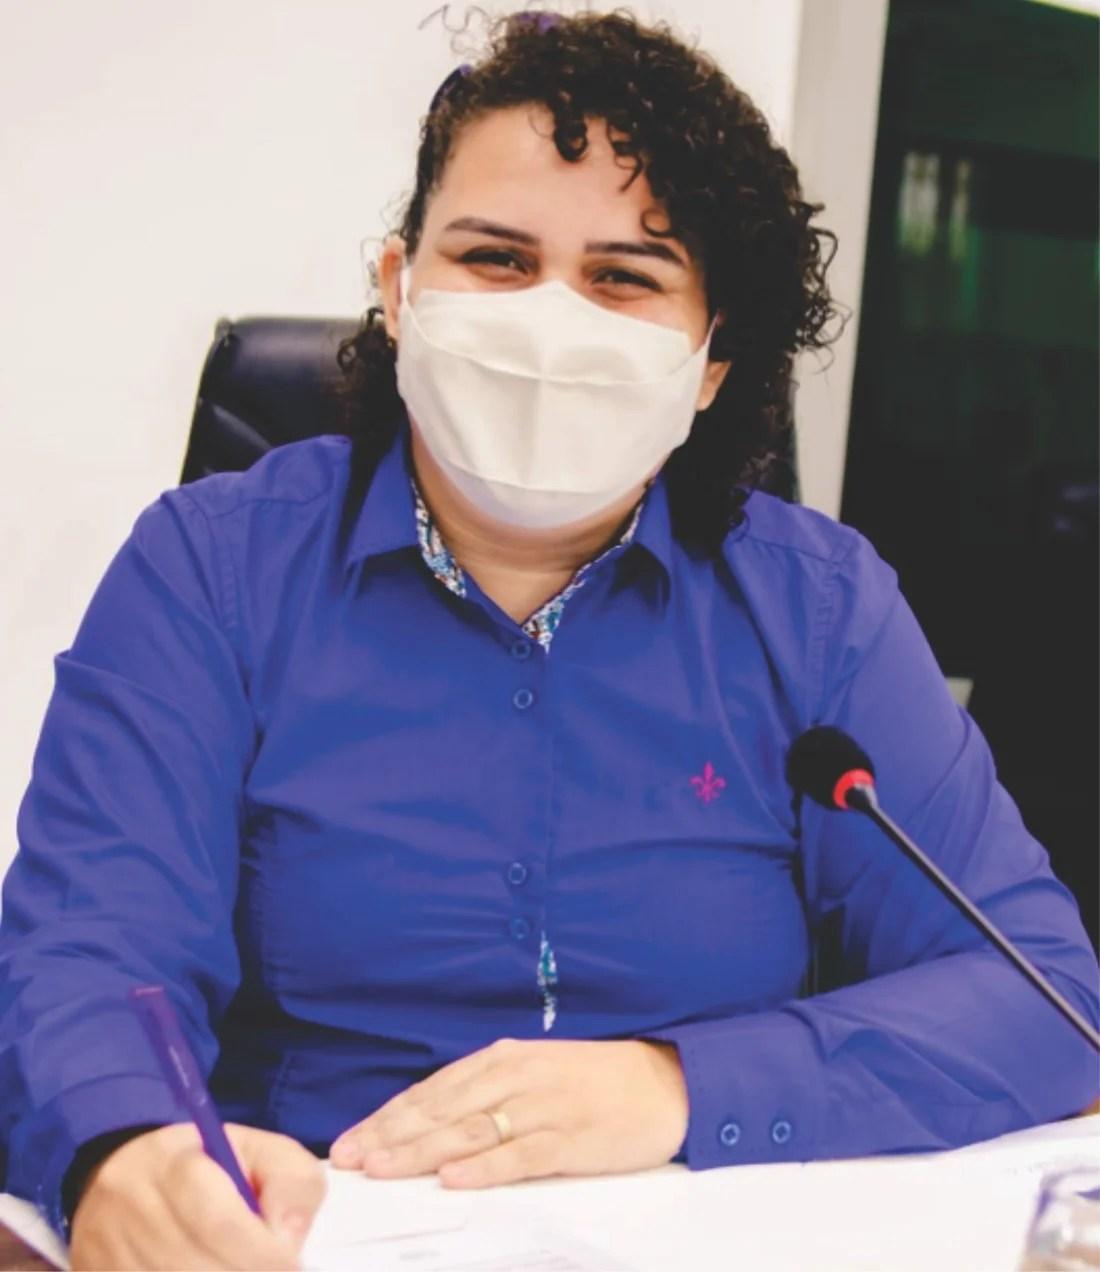 Análise: ações positivas realizadas por Luciene Gomes em Bayeux estão passando despercebidas, diante das recorrentes denúncias e do mal relacionamento da gestora com a imprensa